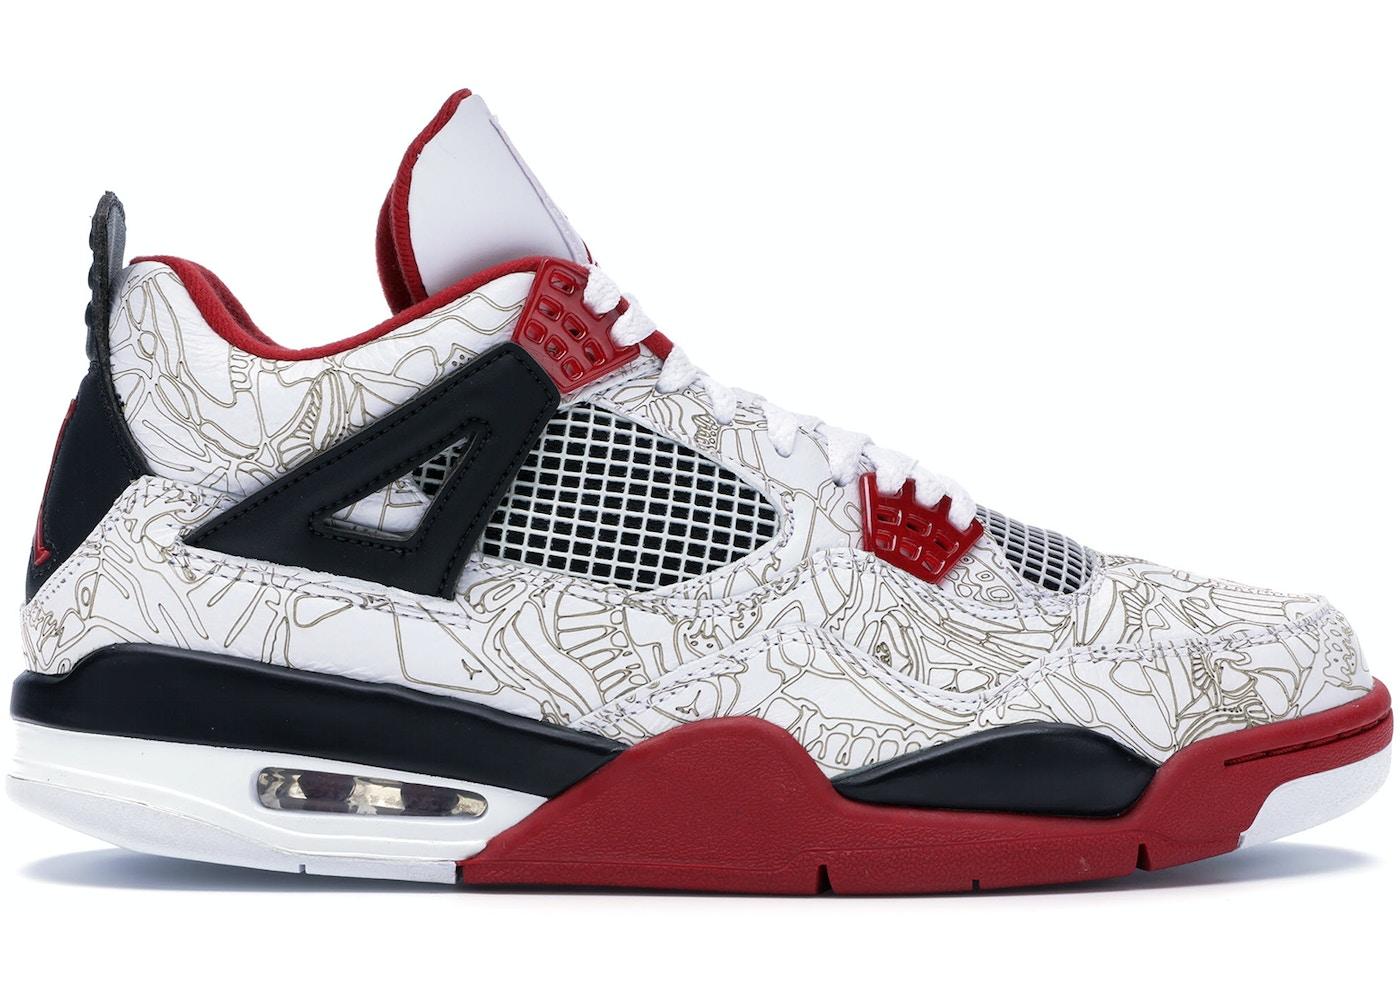 wholesale dealer d9c38 4b3b2 Buy Air Jordan 4 Shoes & Deadstock Sneakers